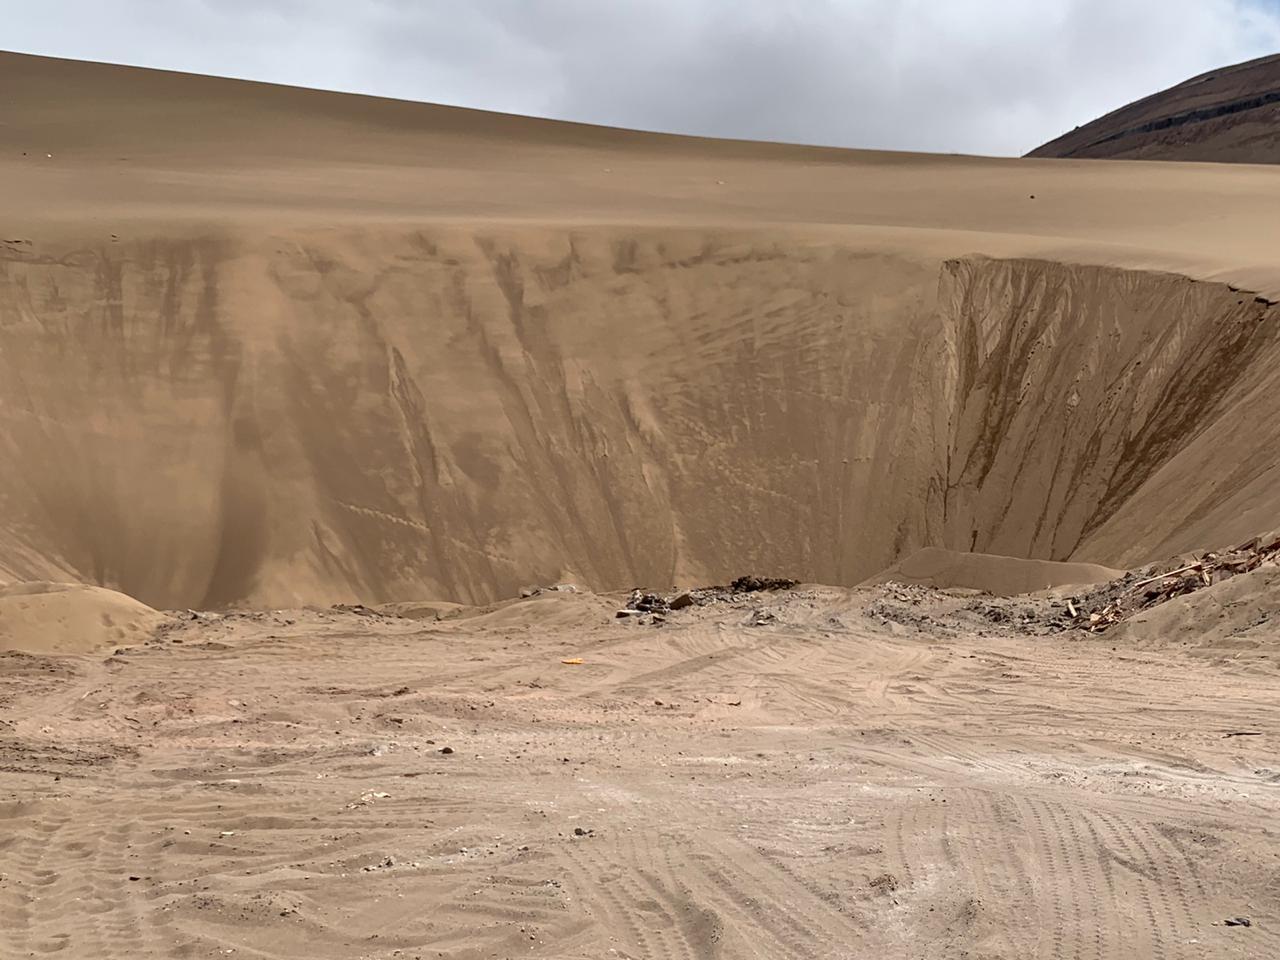 Juzgado de Garantía declara admisible querella de IMI por daños y contaminación en Santuario Natural de Cerro Dragón